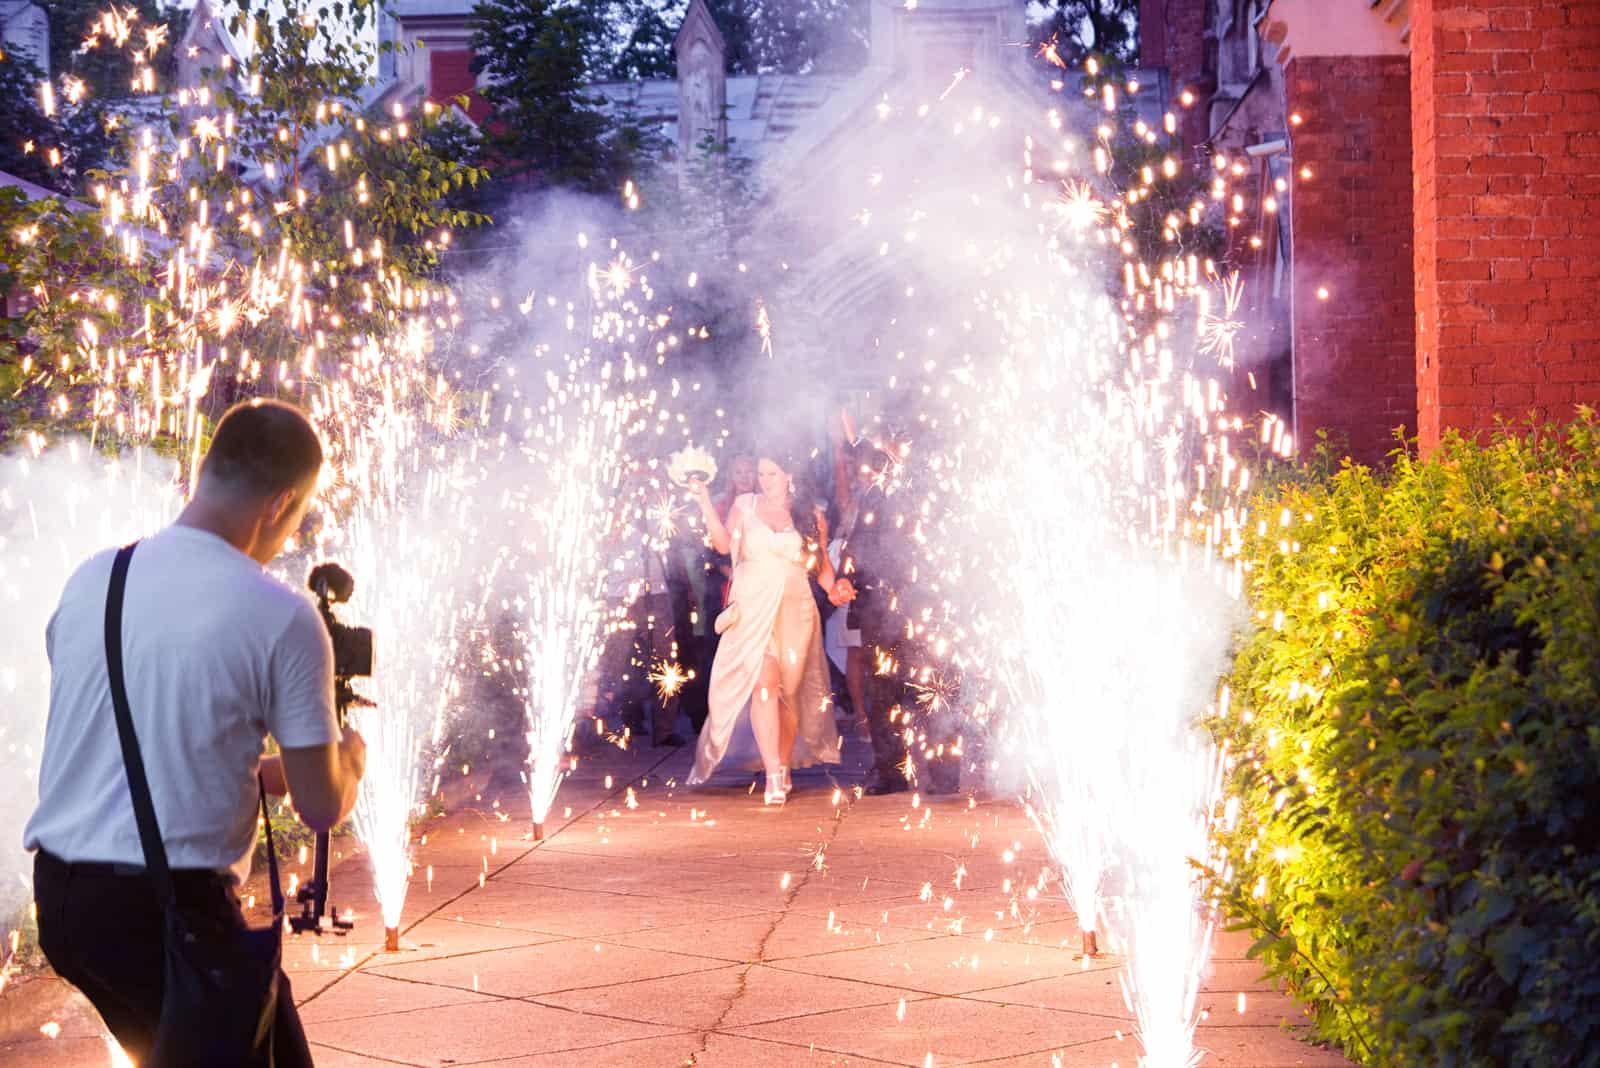 Hochzeitszeremonie Der Kameramann zeichnet den Eintritt des Brautpaares auf